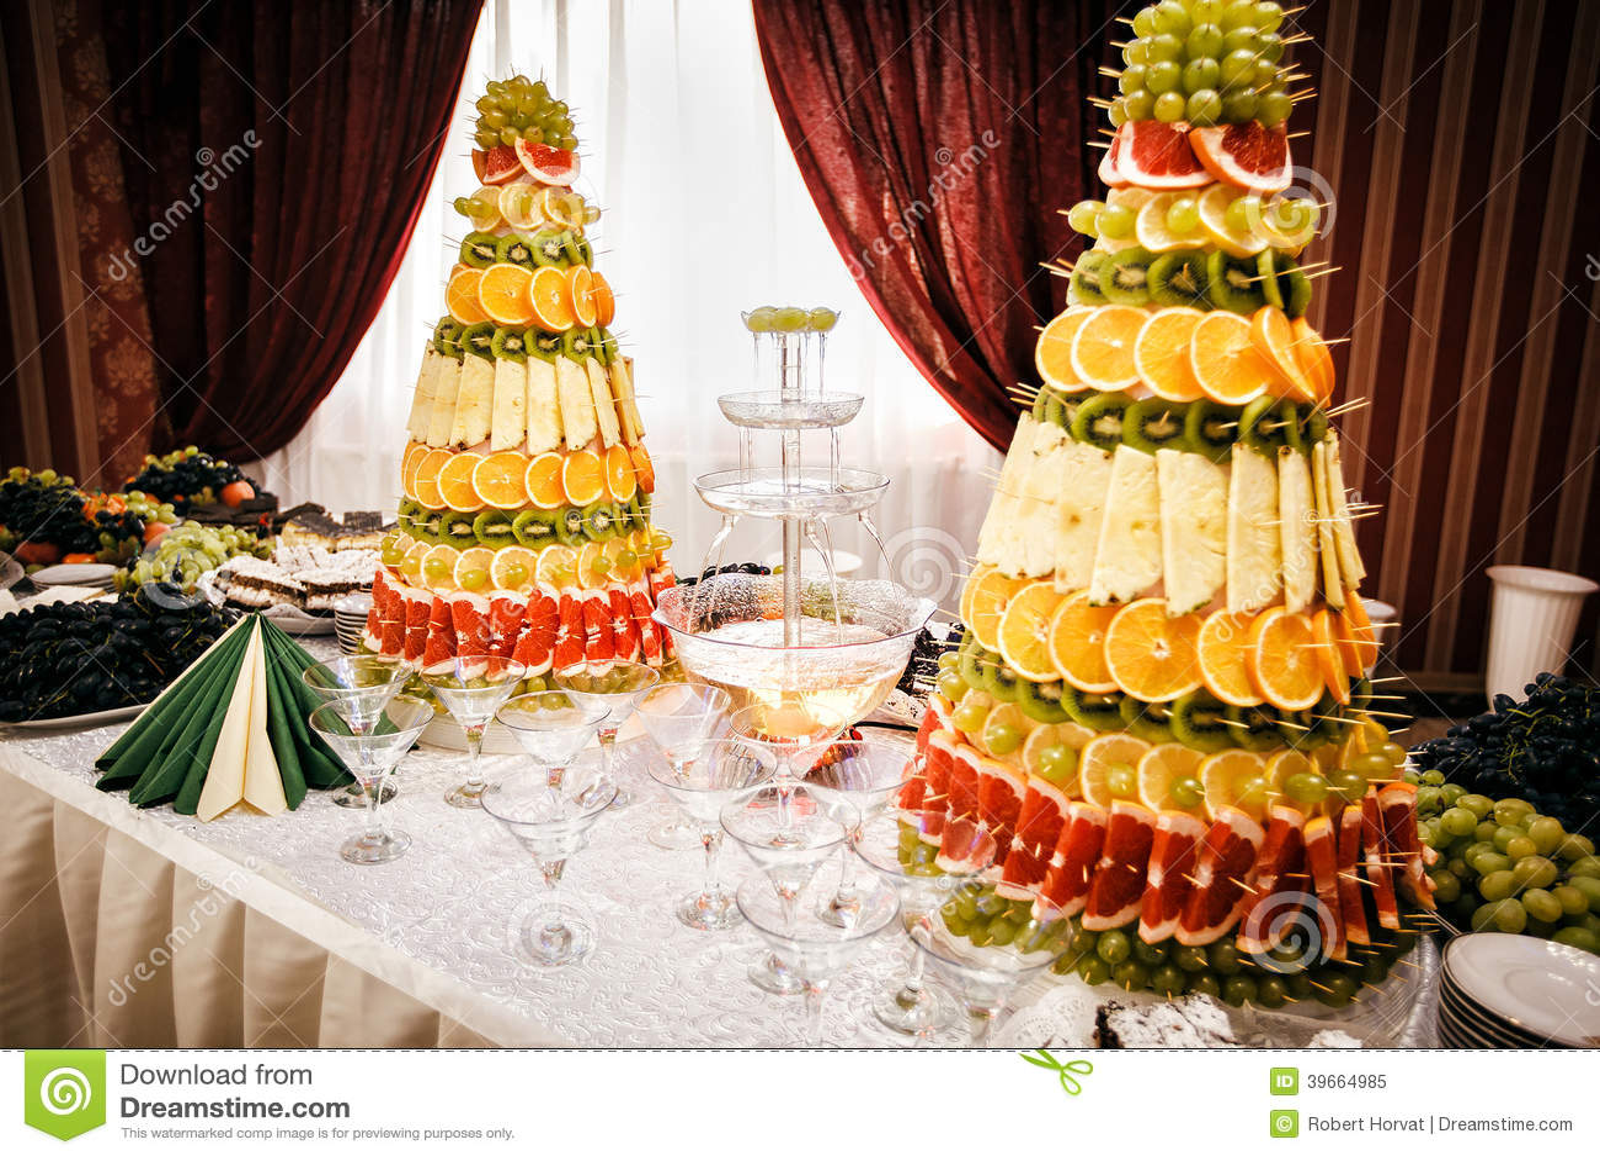 De fontein en de decoratie van champagne van fruit op lijst die a plaatsen stock afbeelding - Decoratie van de kamers van de meiden ...